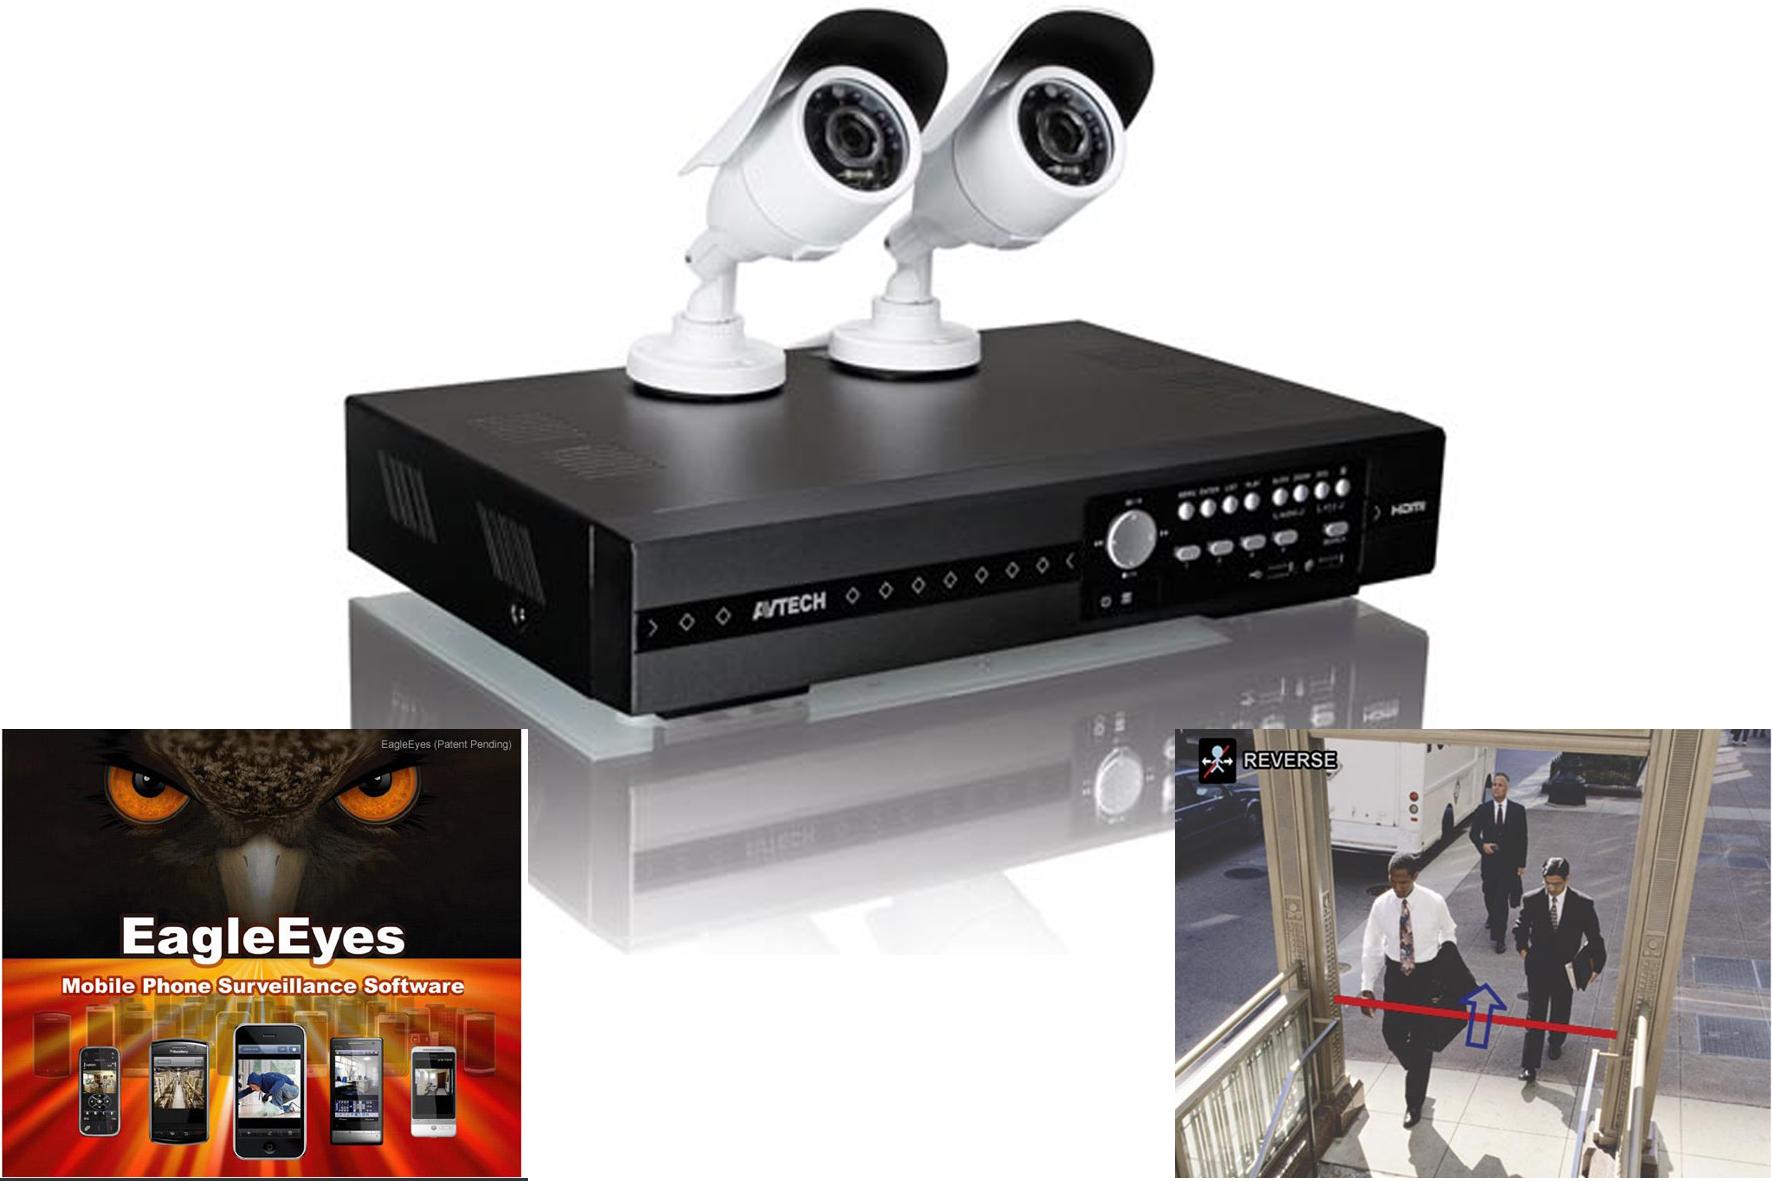 set de video surveillance velleman achat en ligne ou dans notre magasin. Black Bedroom Furniture Sets. Home Design Ideas